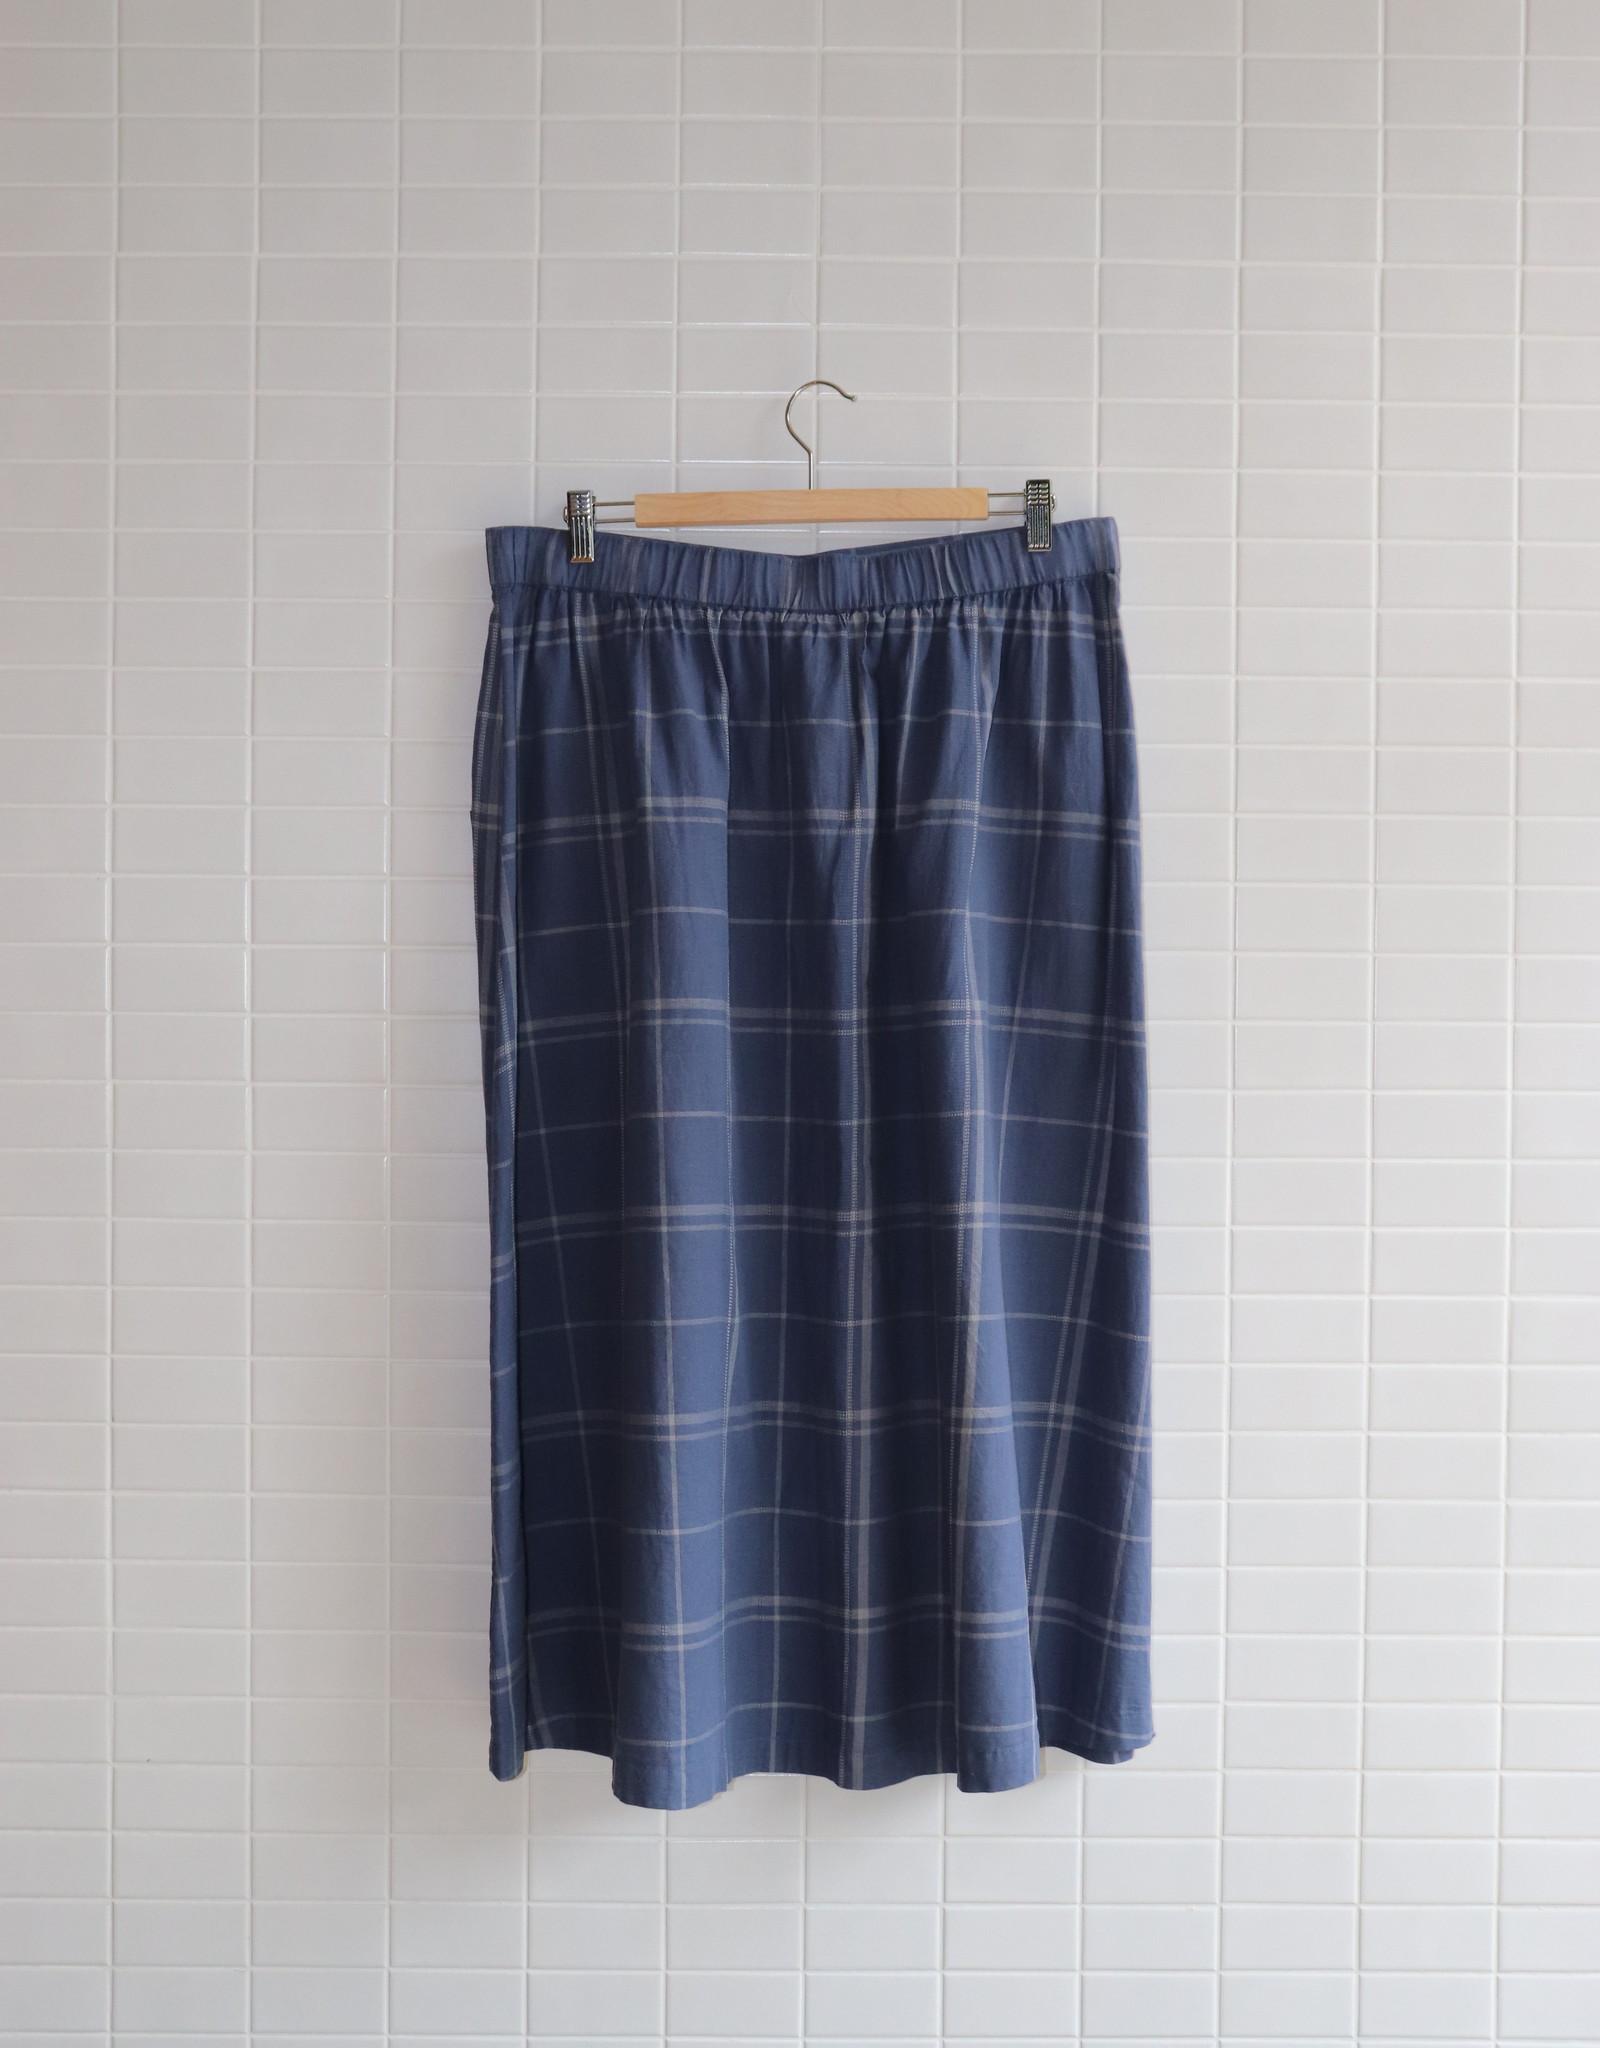 Patagonia Patagonia - Lightweight A/C Skirt - L